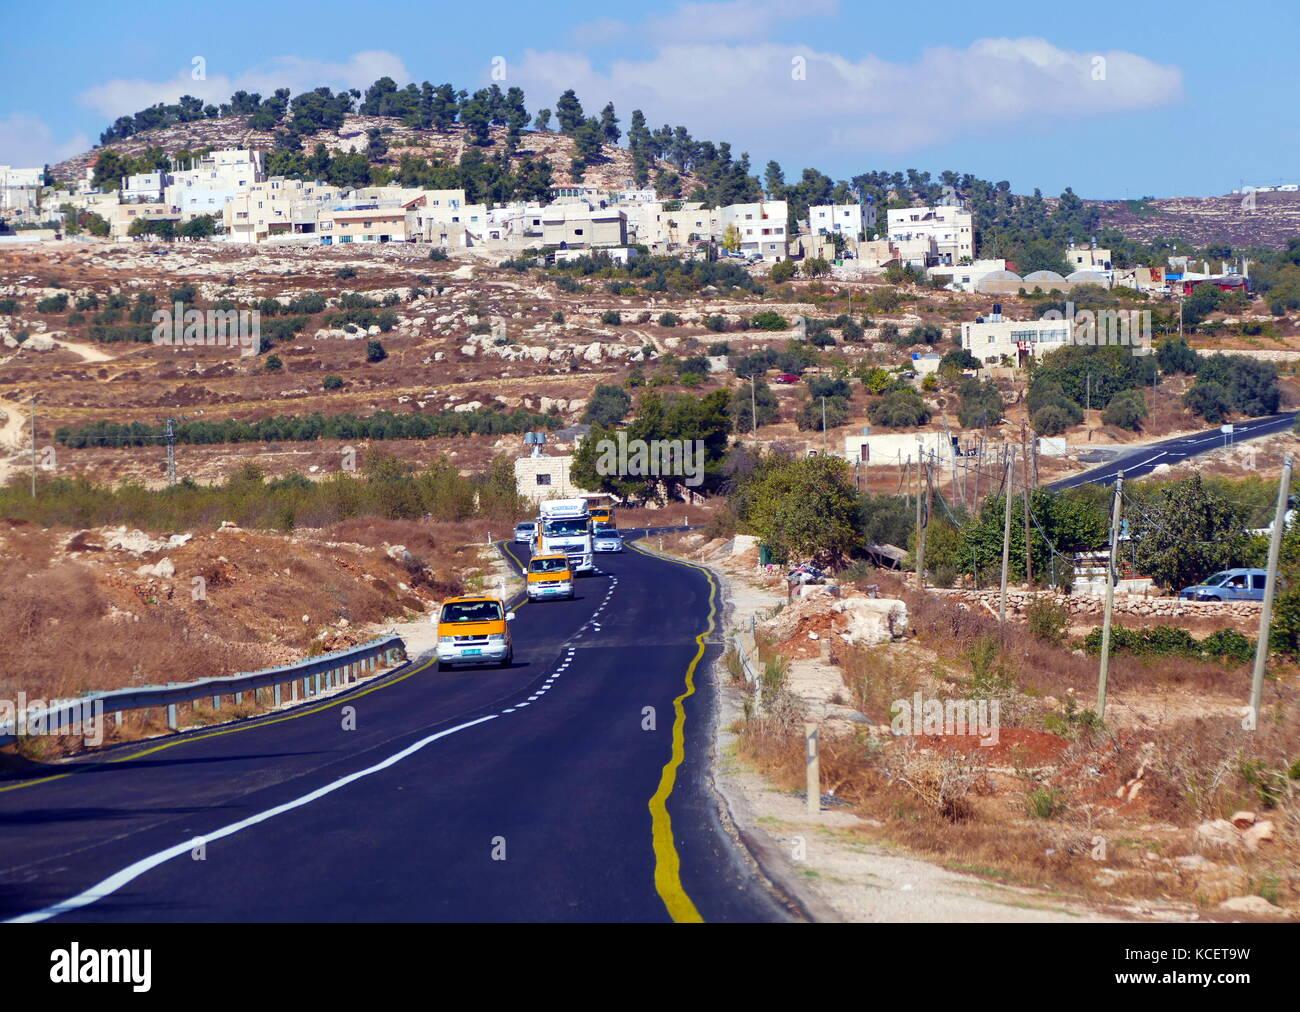 Insediamento israeliano in Cisgiordania, territorio palestinese vicino a Gerusalemme. 2016 Immagini Stock